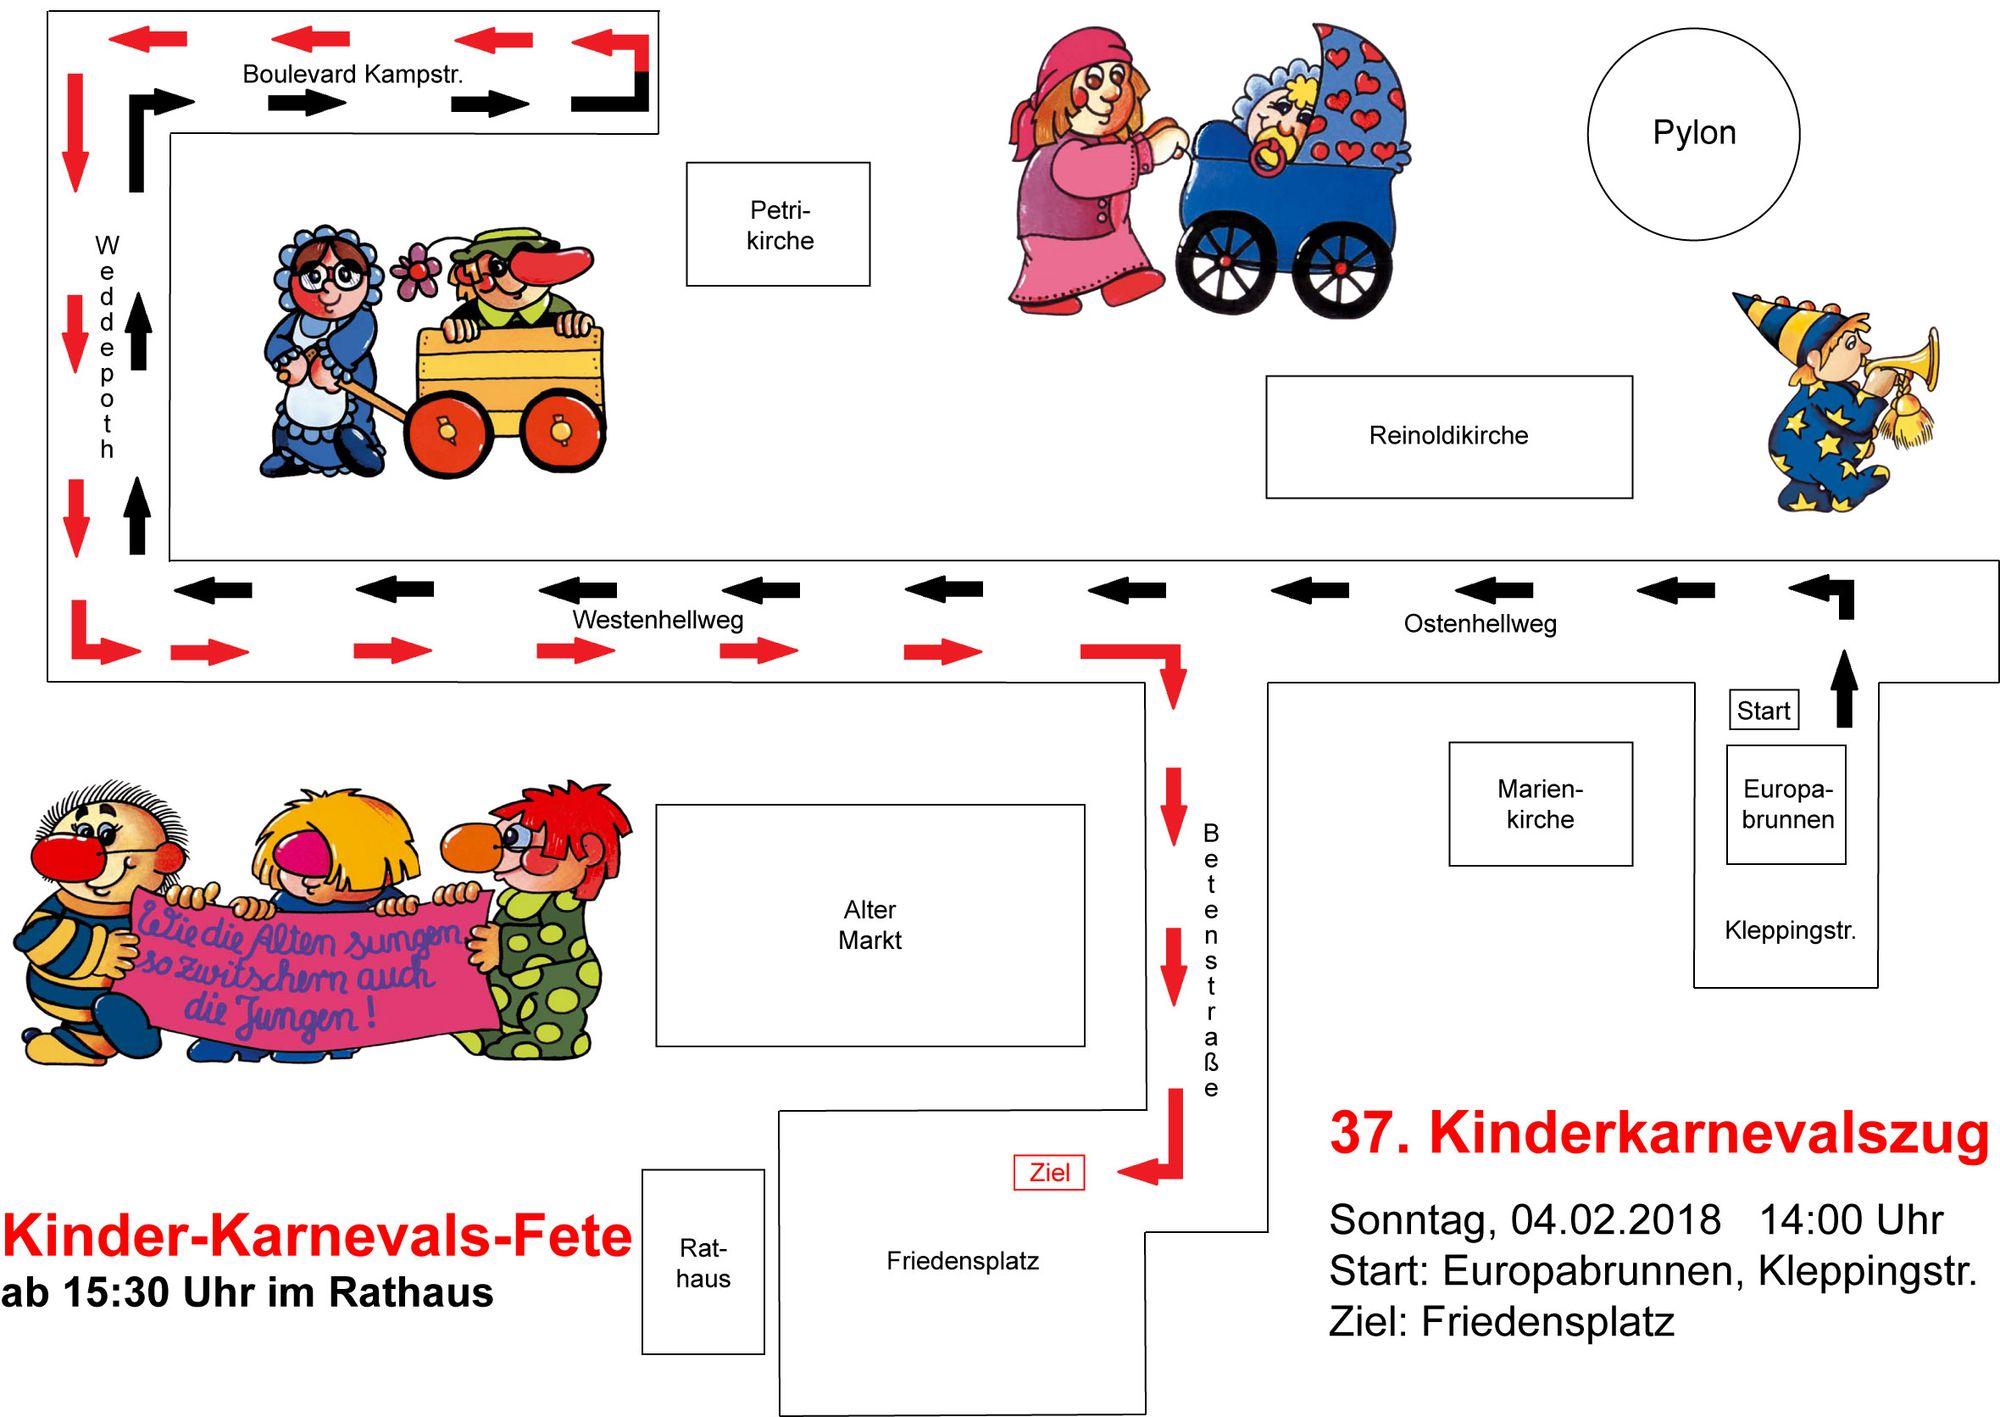 Zugstrecke Kinderkarnevalszug Dortmund 2018 - Quelle: http://www.dortmunderkarneval.de/festausschuss-dortmunder-karneval/kinderkarnevalszug.htm